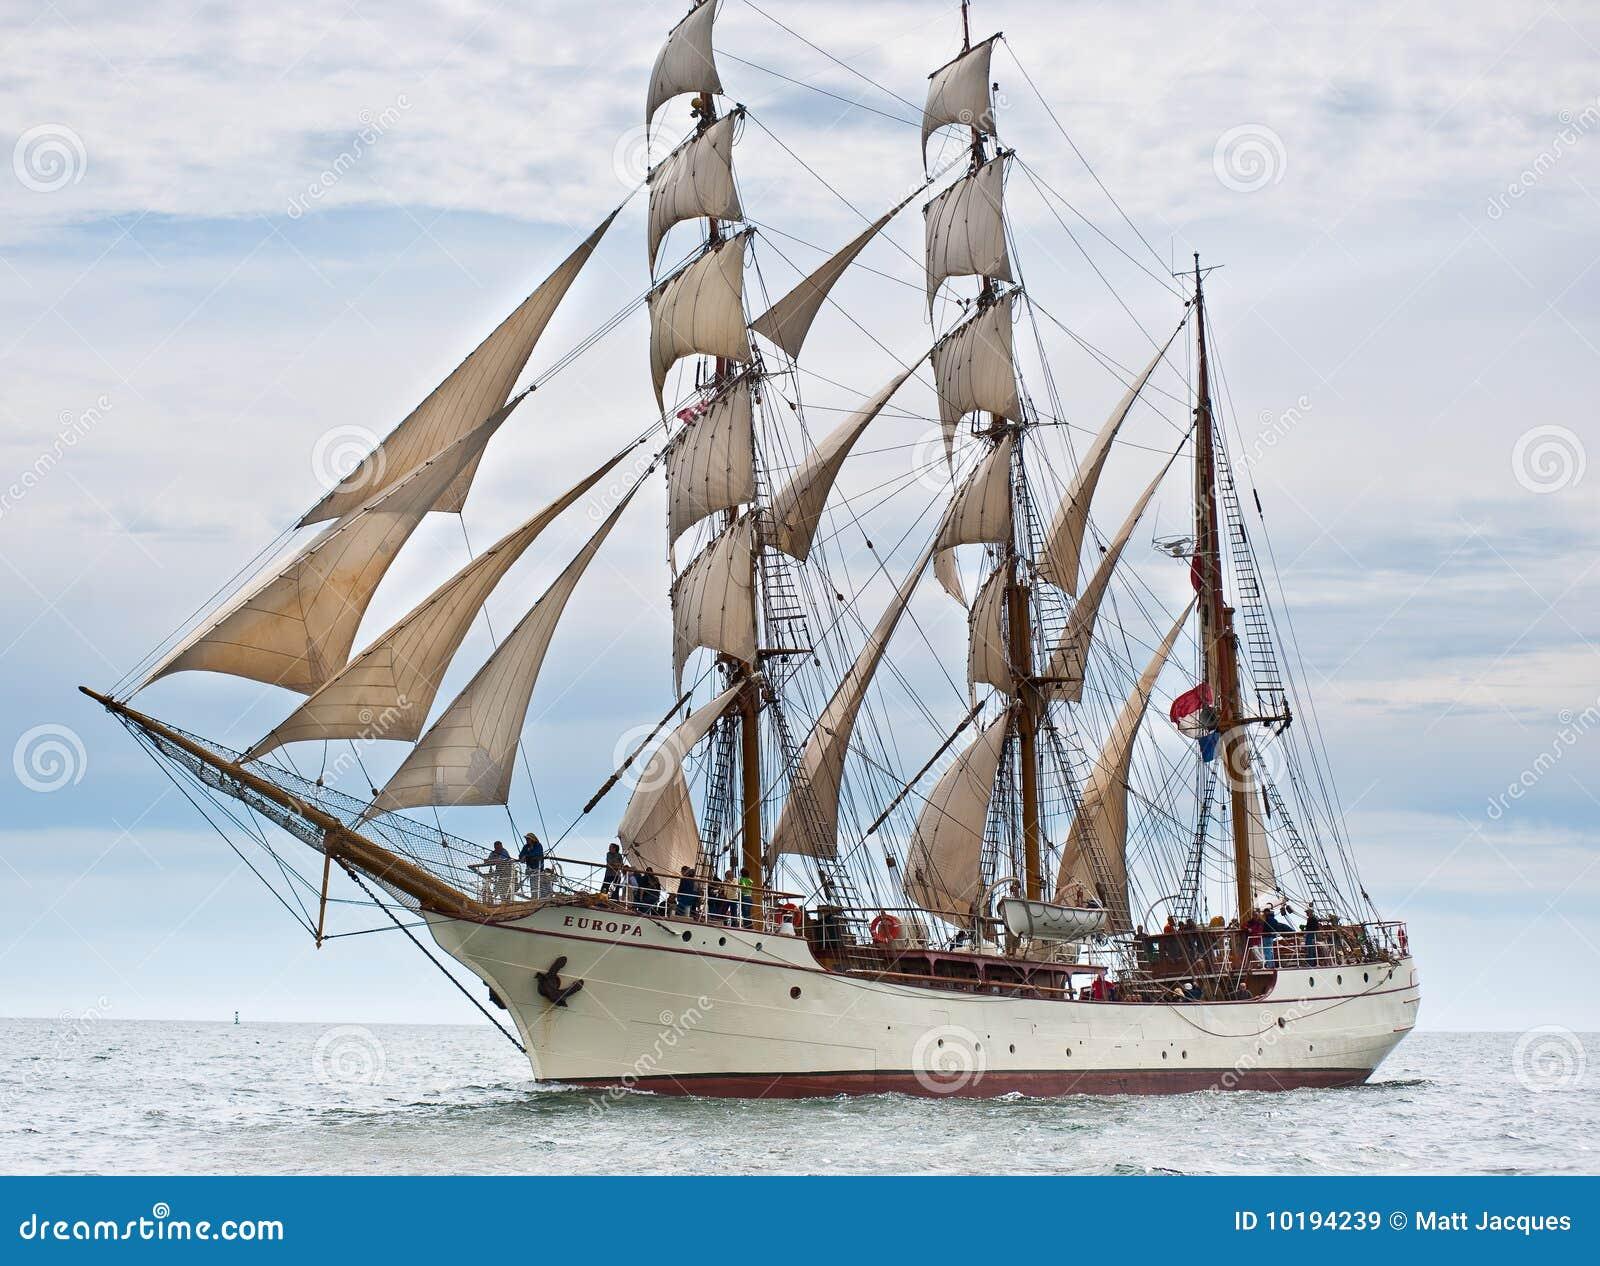 Europa alto do navio.